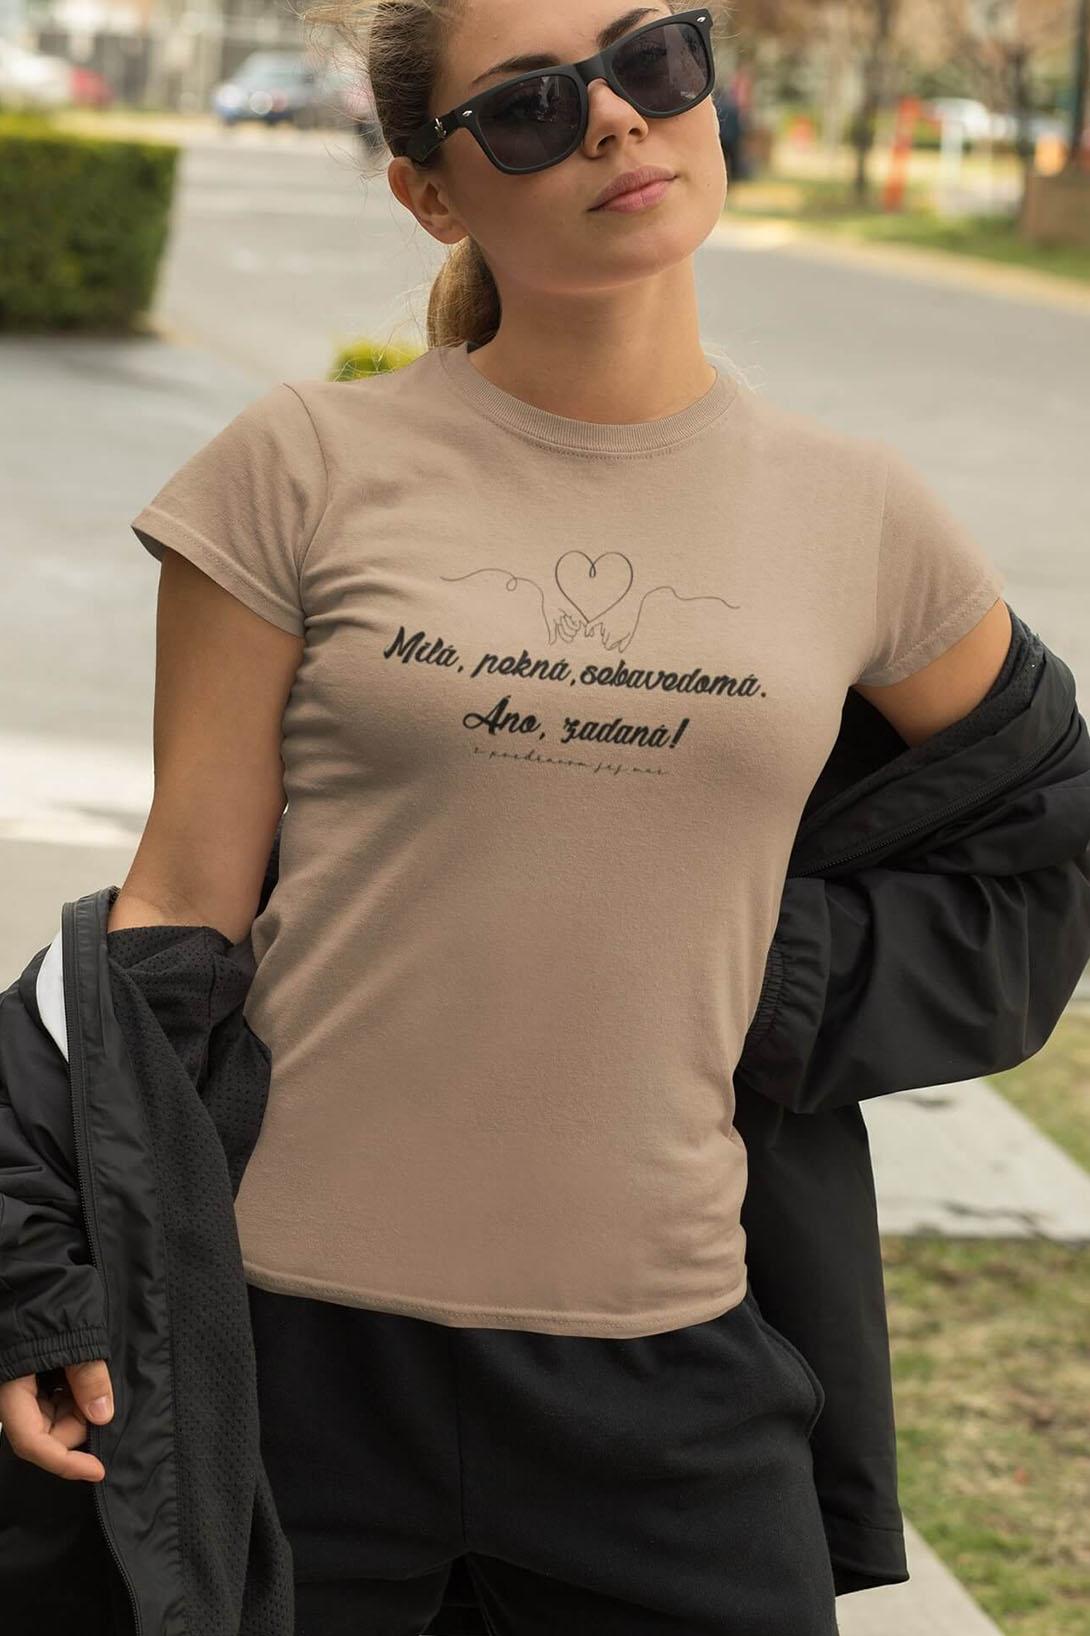 MMO Dámske tričko Milá, pekná, sebavedomá Vyberte farbu: Ružová, Vyberte veľkosť: M